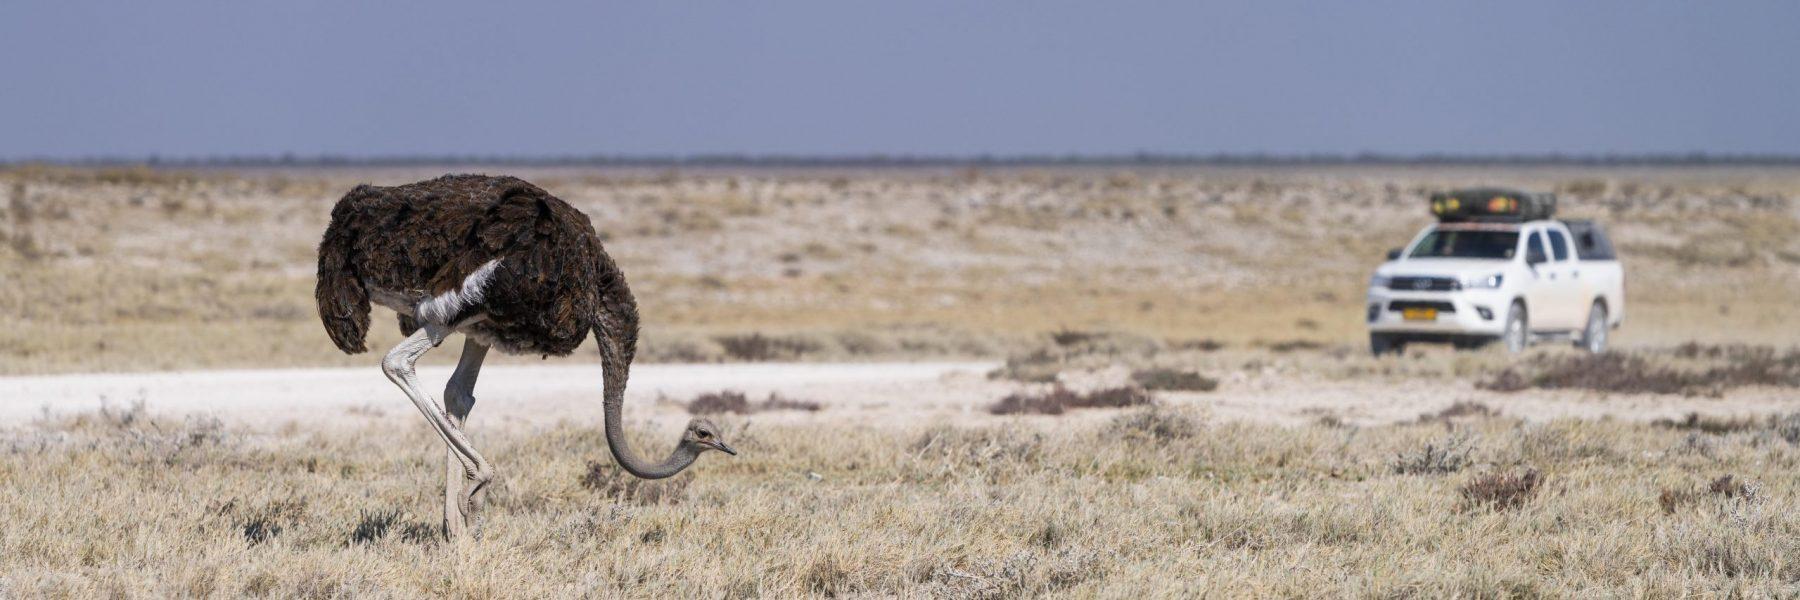 Afrikanischer Strauß (Struthio camelus), hinten ein Geländewagen, Etosha National Park, Namibia